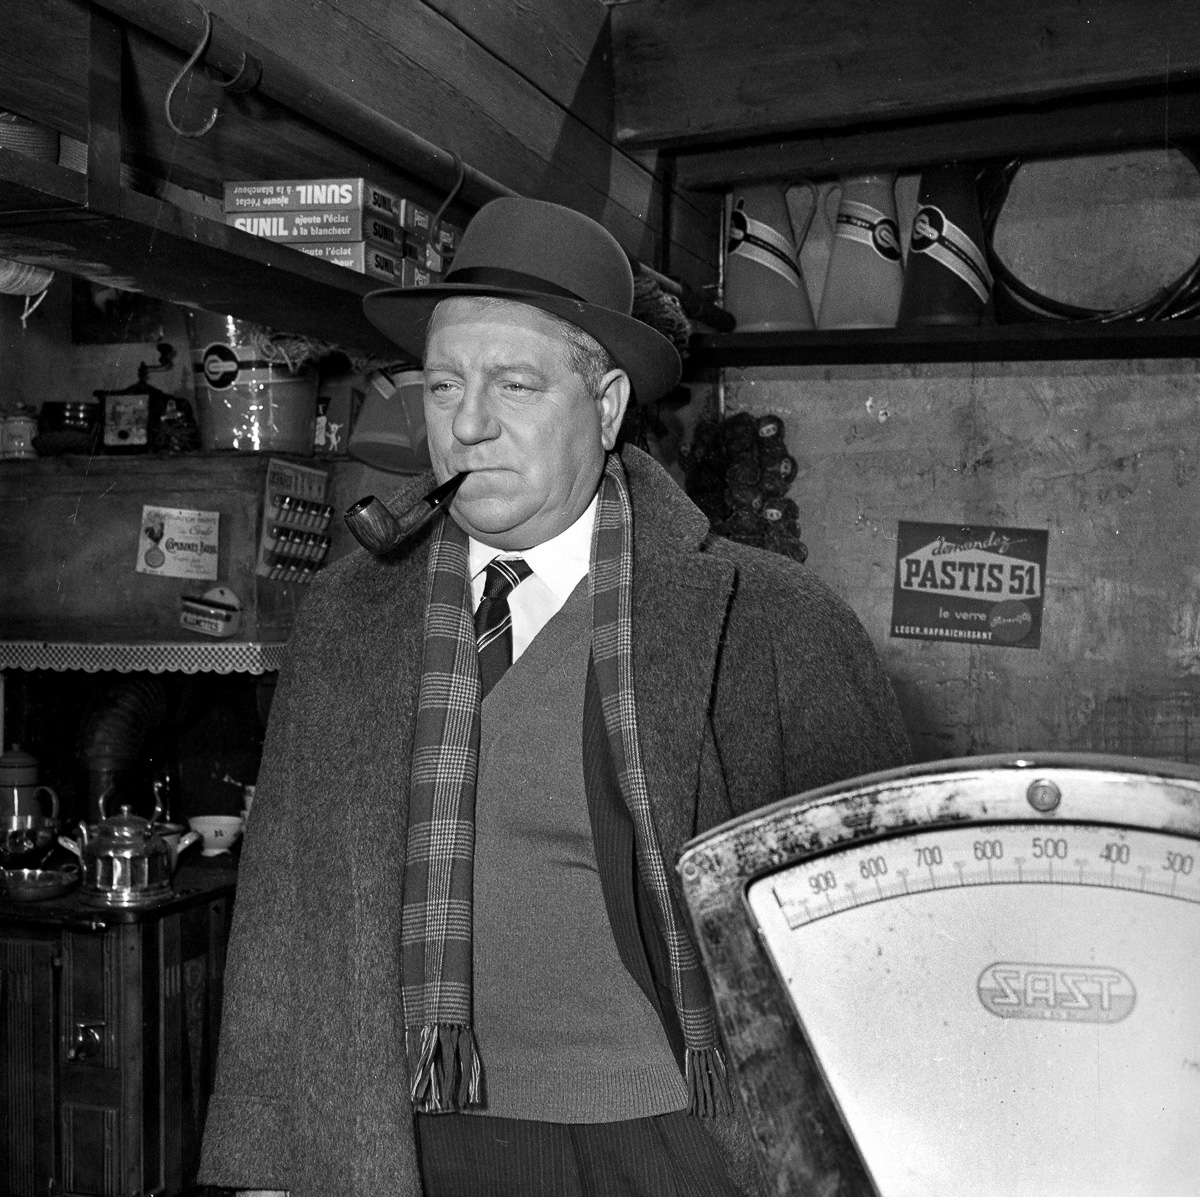 """""""Maigret et l'Affaire Saint-Fiacre"""", film de Jean Delannoy, d'après le roman de Georges Simenon. Jean Gabin. 1958."""